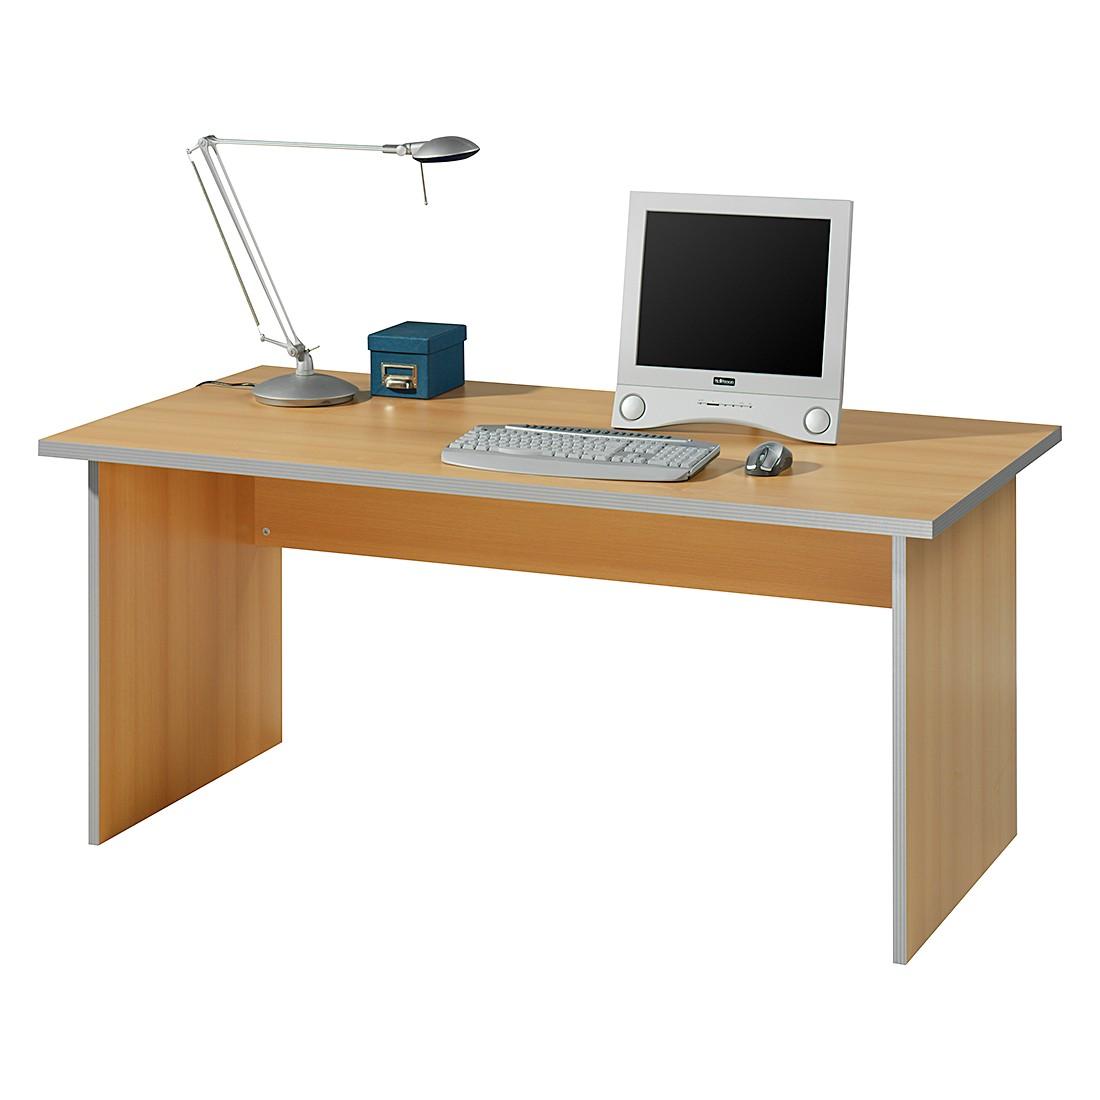 Schreibtisch Kirk III – Buche Dekor – Tischplatte: 80 x 80 cm, Wellemöbel günstig bestellen